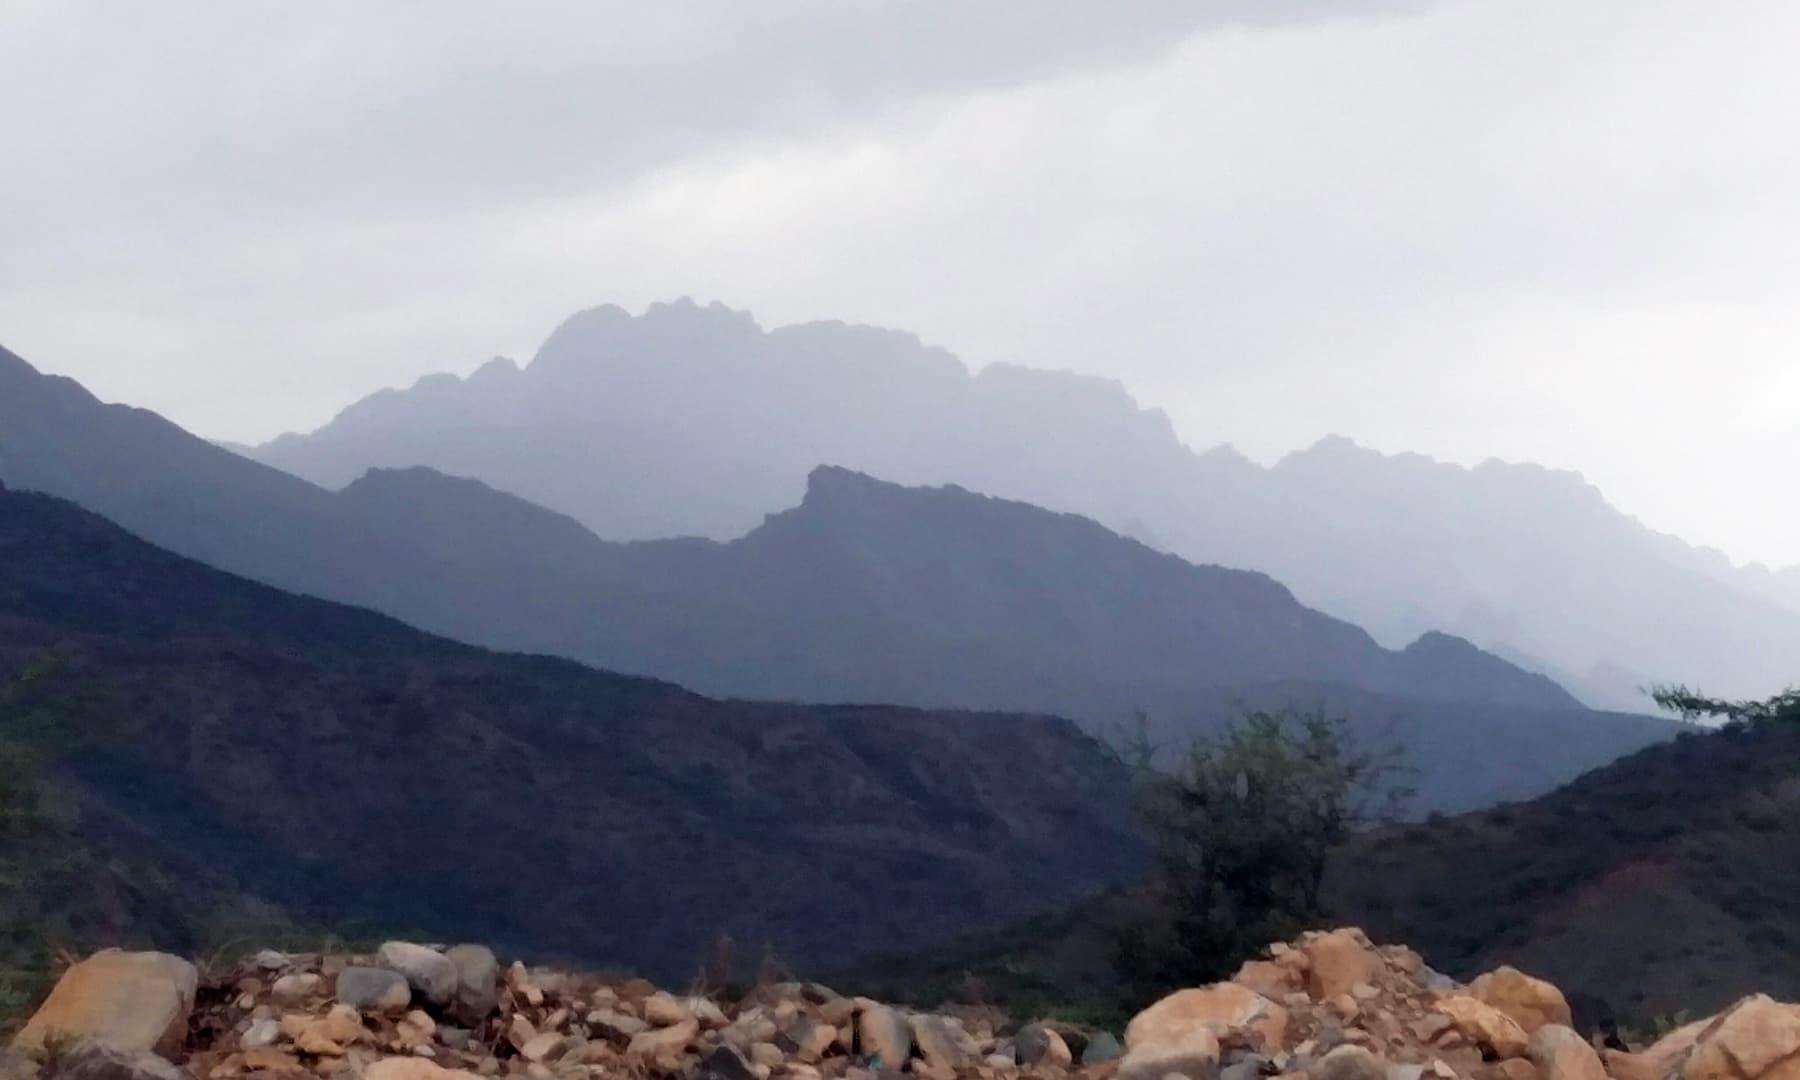 کوہِ سلیمان—تصویر عبداللہ کیہر